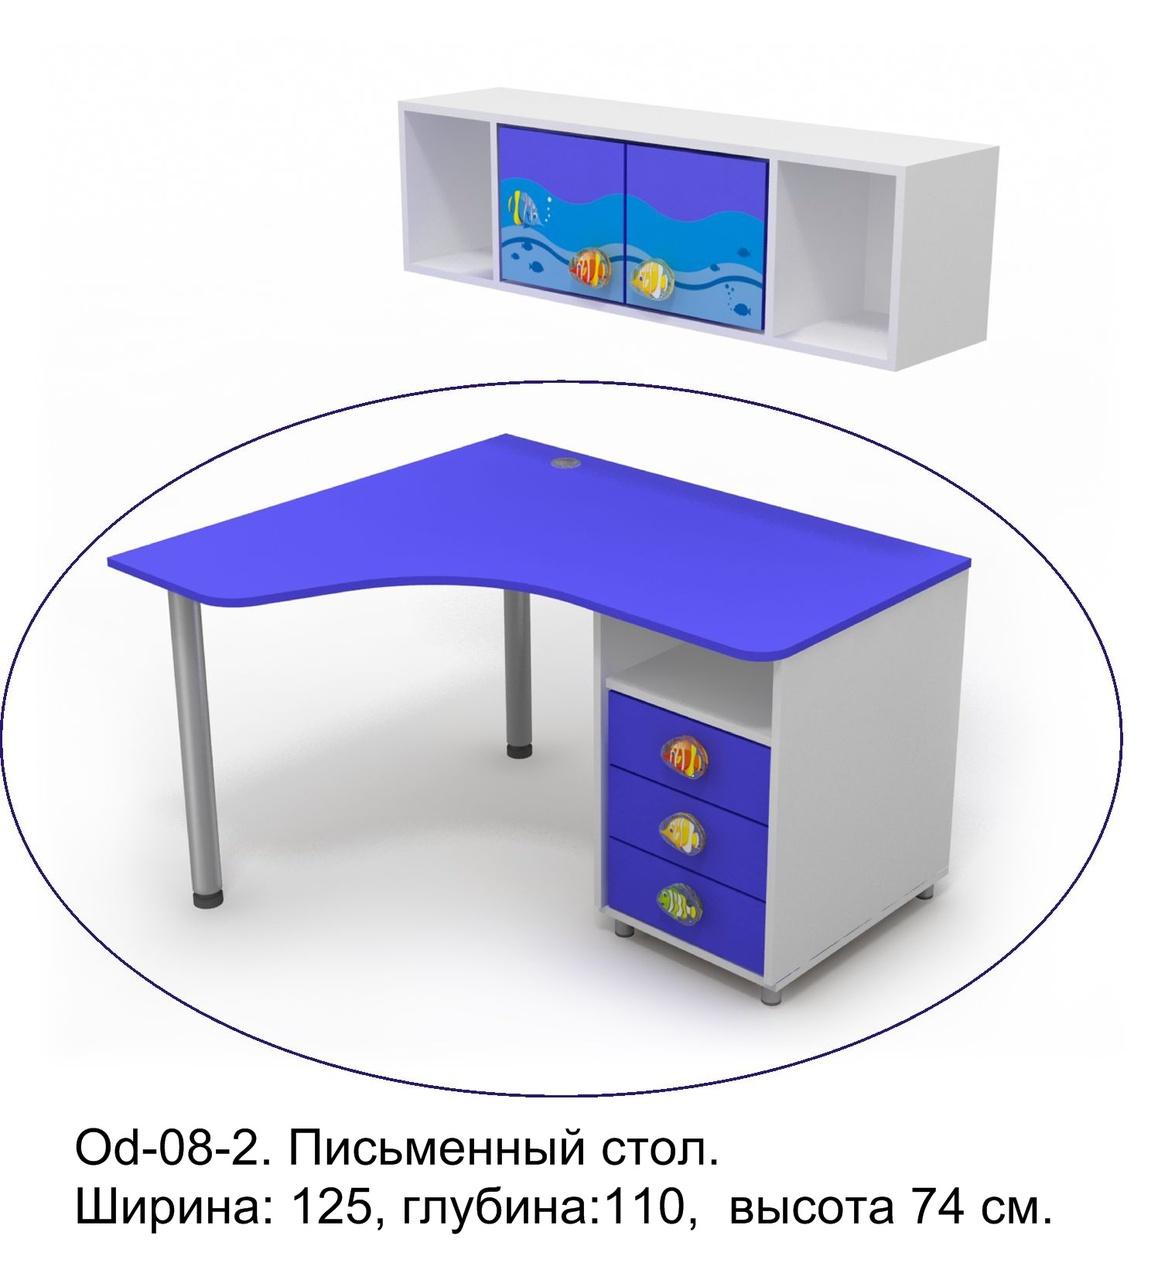 Стол письменный br-оd-08-2 ocean (океан) мебель-бум, интерне.